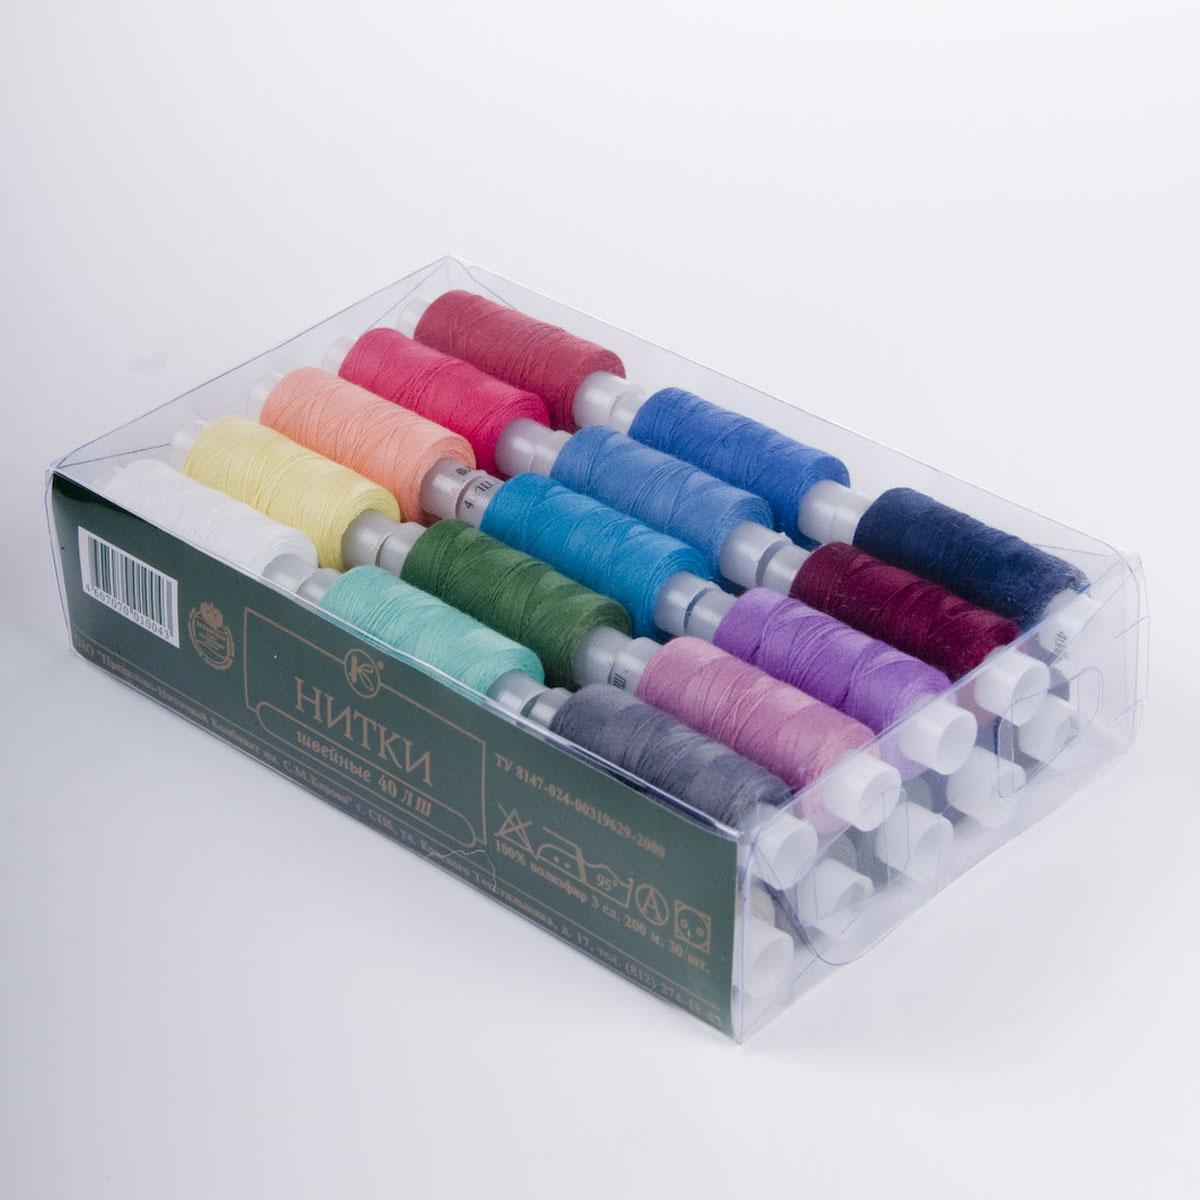 Набор швейных ниток, 40 ЛШ, 200 м, 30 бобин0047304601778Набор состоит из 30 бобин со швейными нитками разных цветов. Нитки изготовлены из 100% полиэфира. Характеристики: Количество сложений: 3. Линейная плотность: 42 текс.